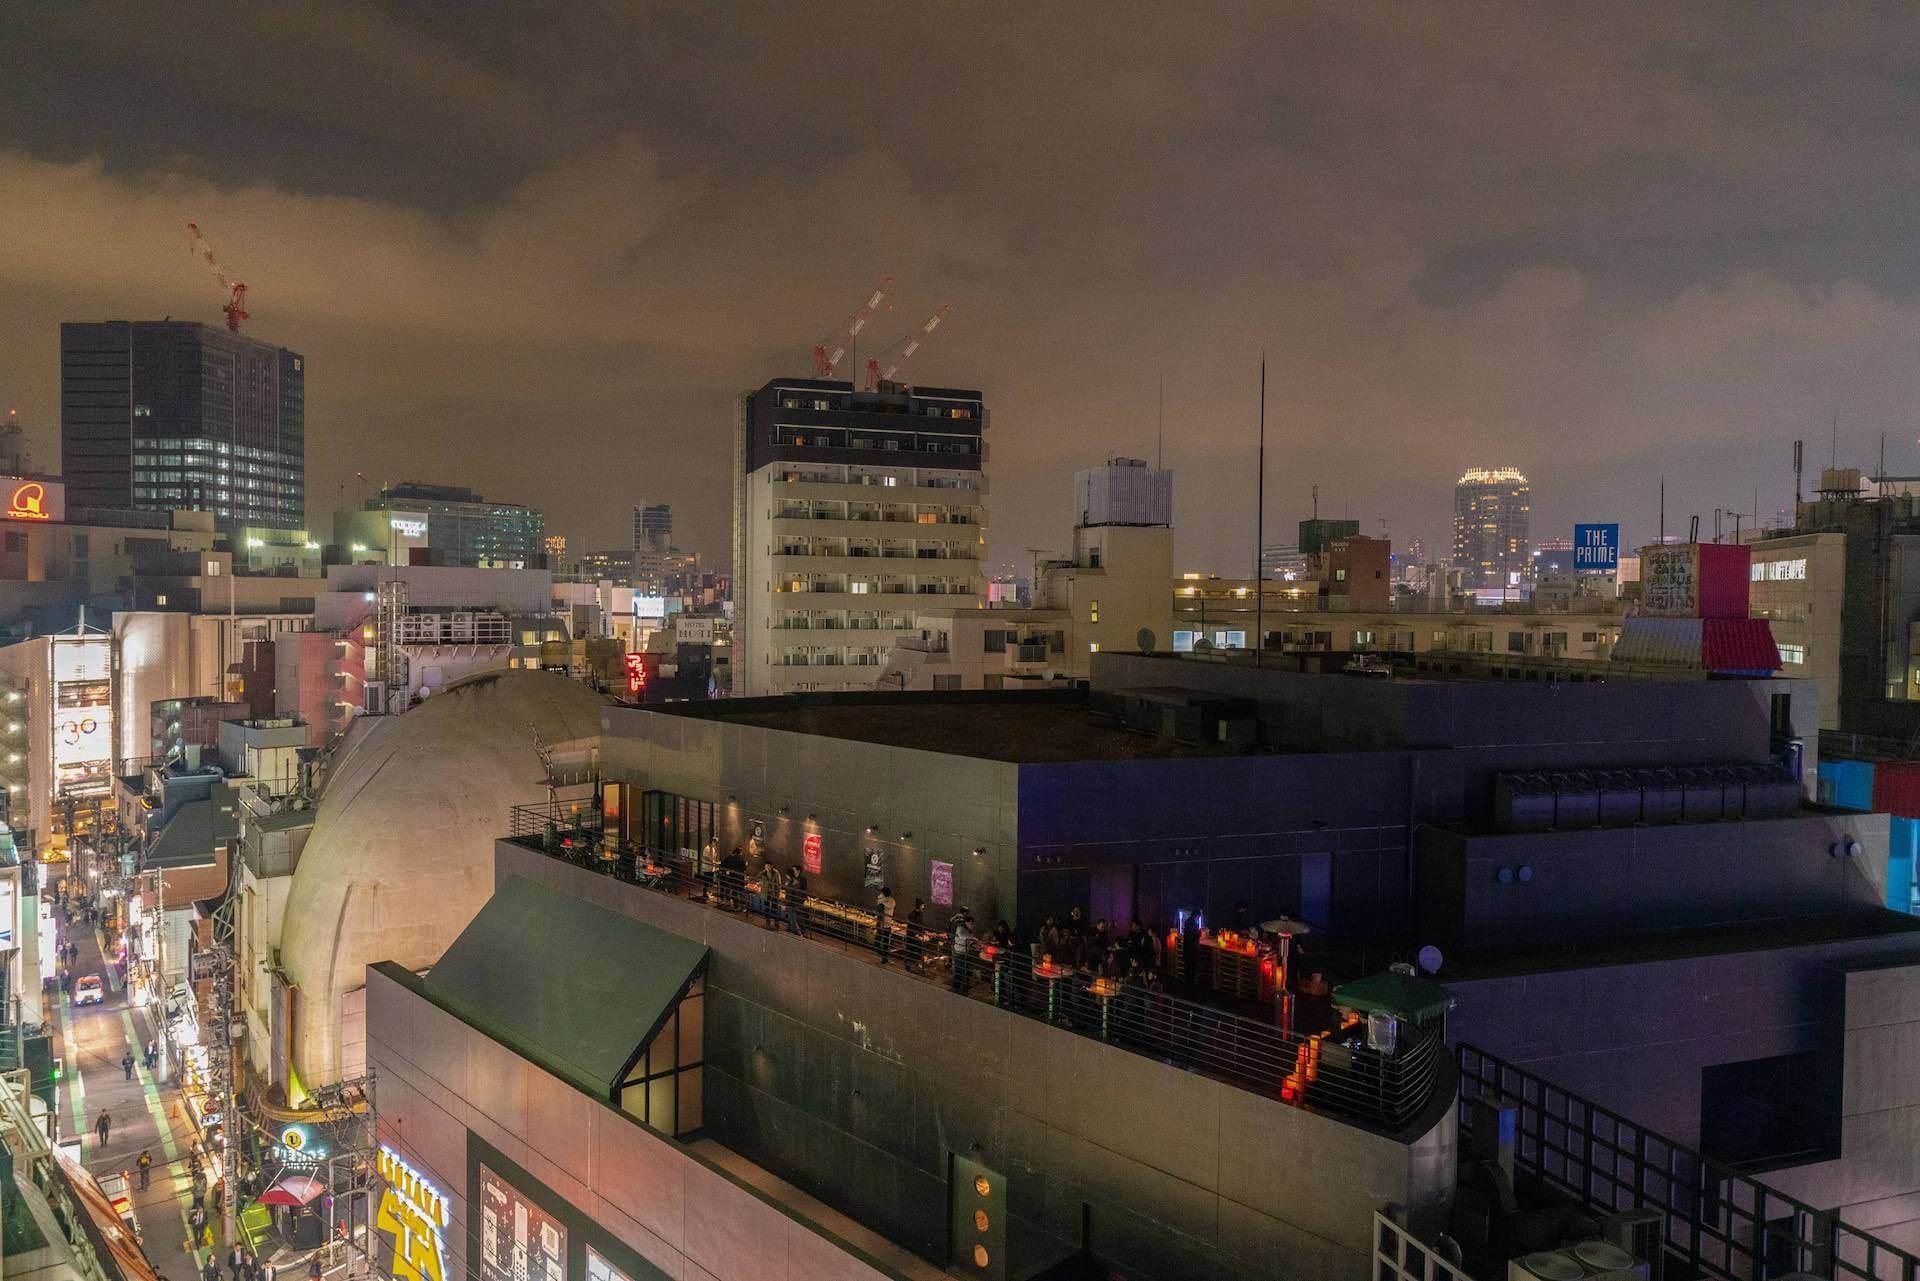 渋谷のナイトタイムエコノミーについて考える<WHITE NIGHT WEEK SHIBUYA>が初開催 music191016-whitenightweek-1